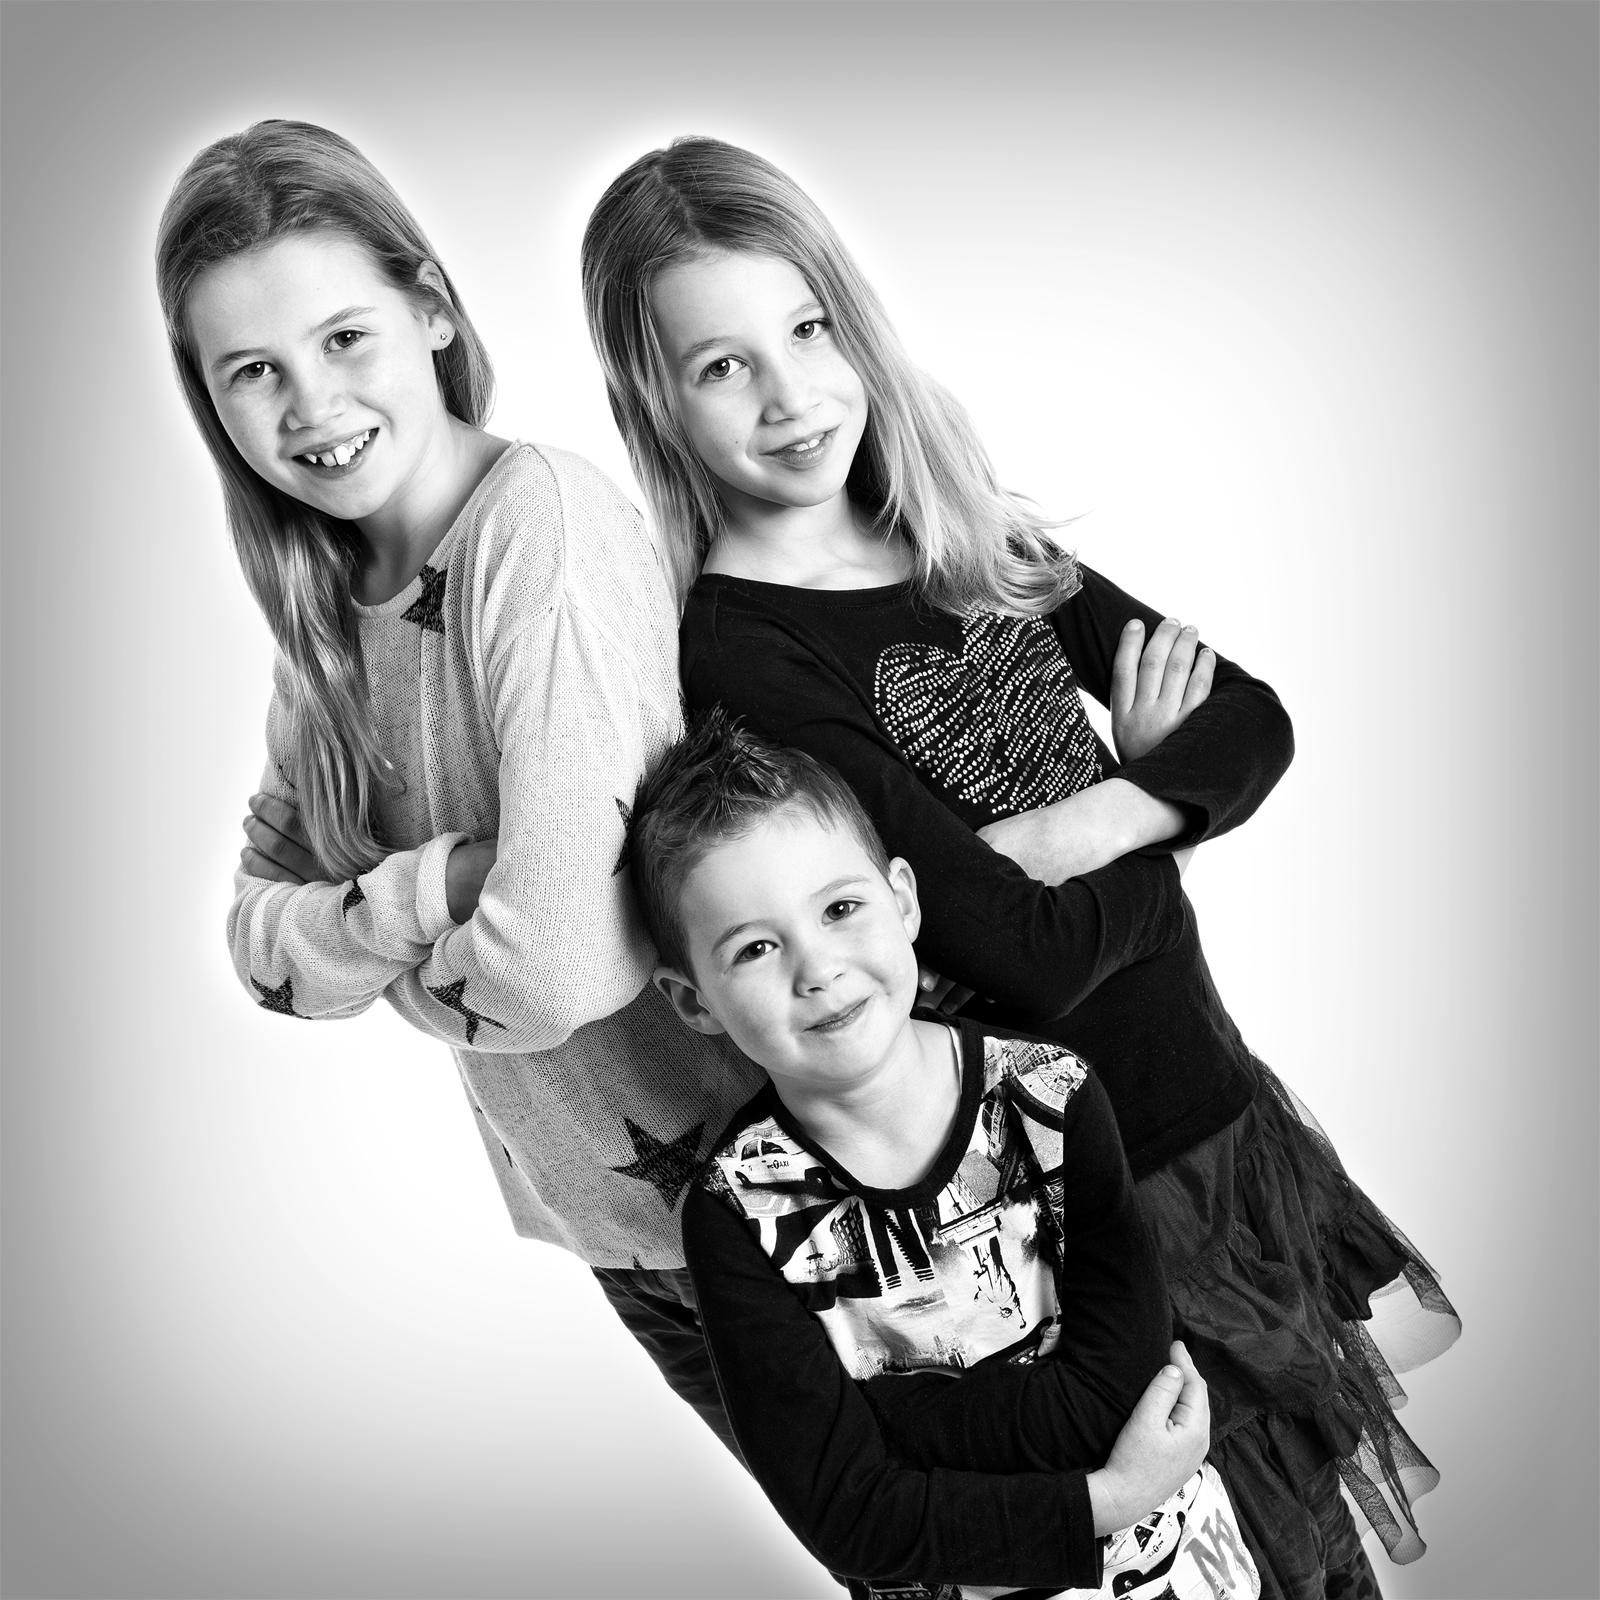 portretfotografie zusjes